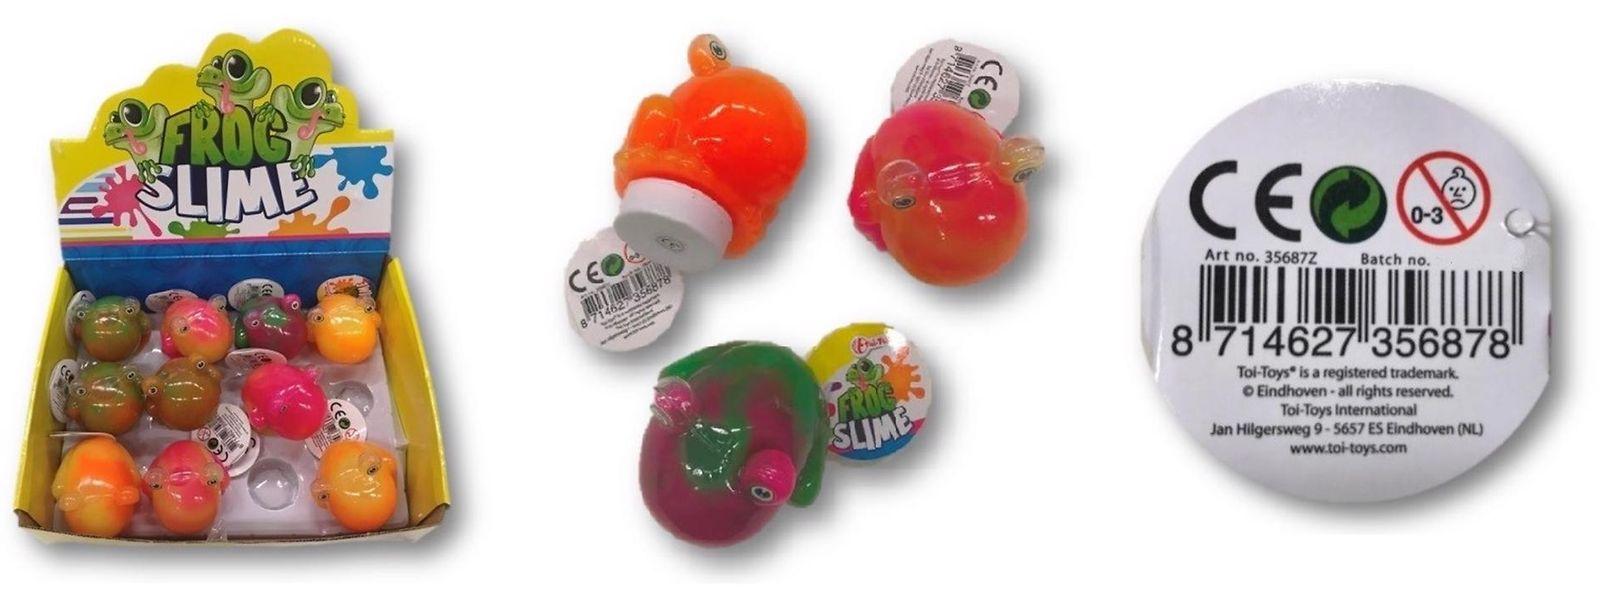 Slime-Spielzeuge gibt es in vielen verschiedenen Varianten. Alle sind klebrig und elastisch.